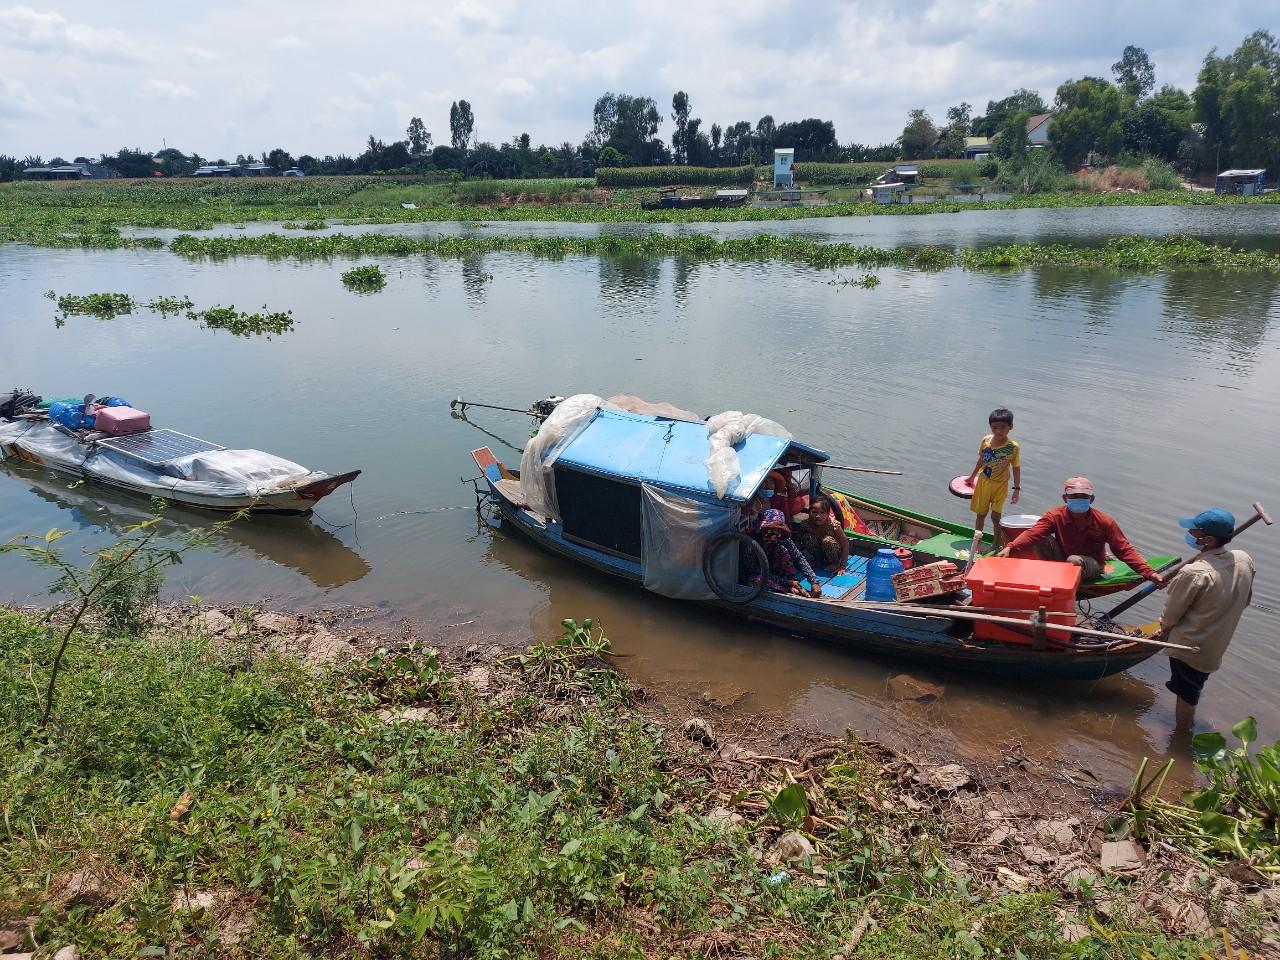 Ngăn chặn kịp thời 9 người nhập cảnh trái phép từ Campuchia về Việt Nam qua sông Hậu - Ảnh 1.